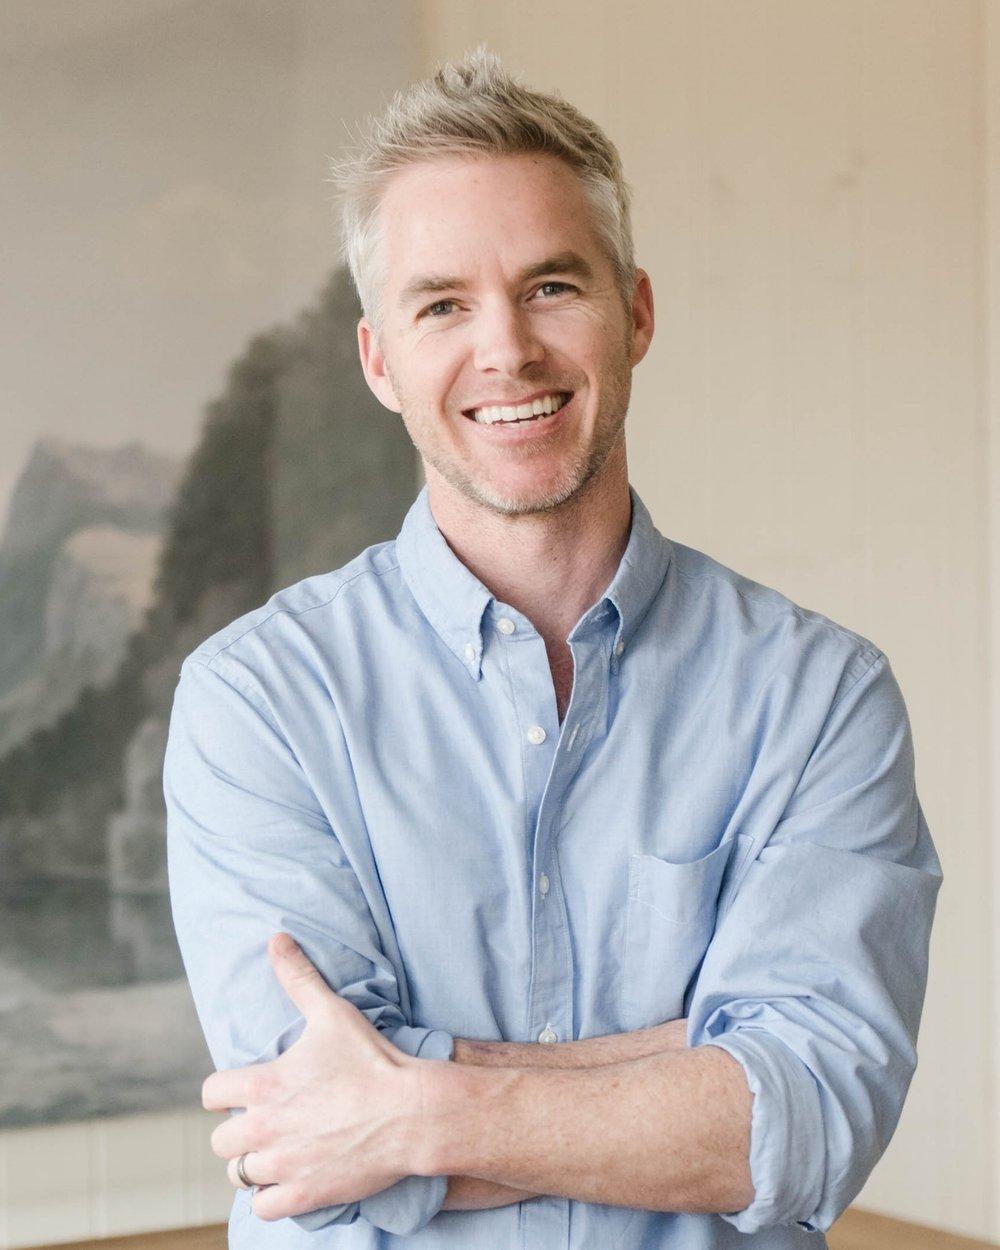 Brett Phillips - Principal & Owner817.727.7252brett@highstreethomes.com